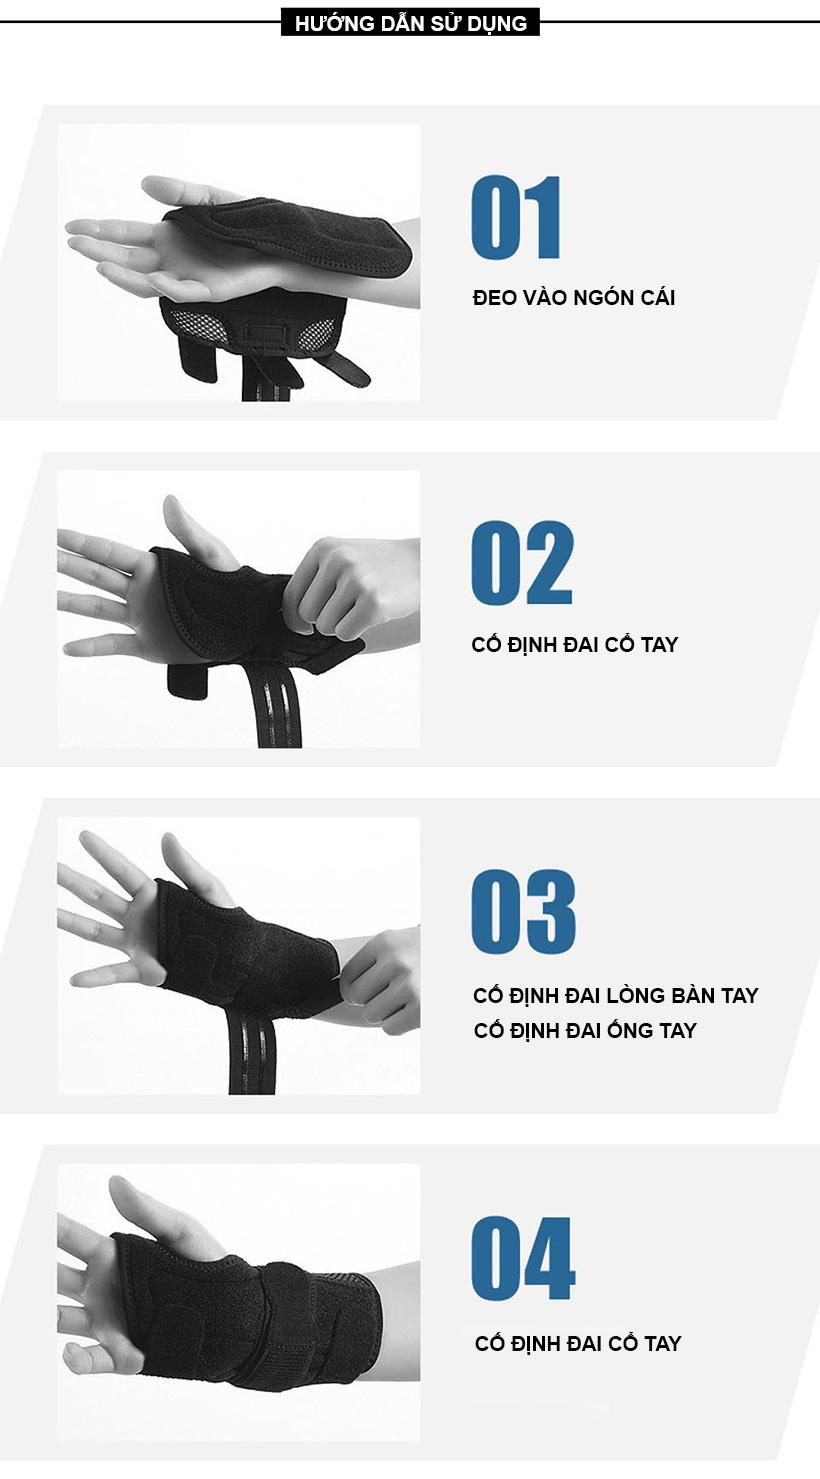 Hướng dẫn sử dụng nẹp bảo vệ khớp cổ tay Aolikes AL1672